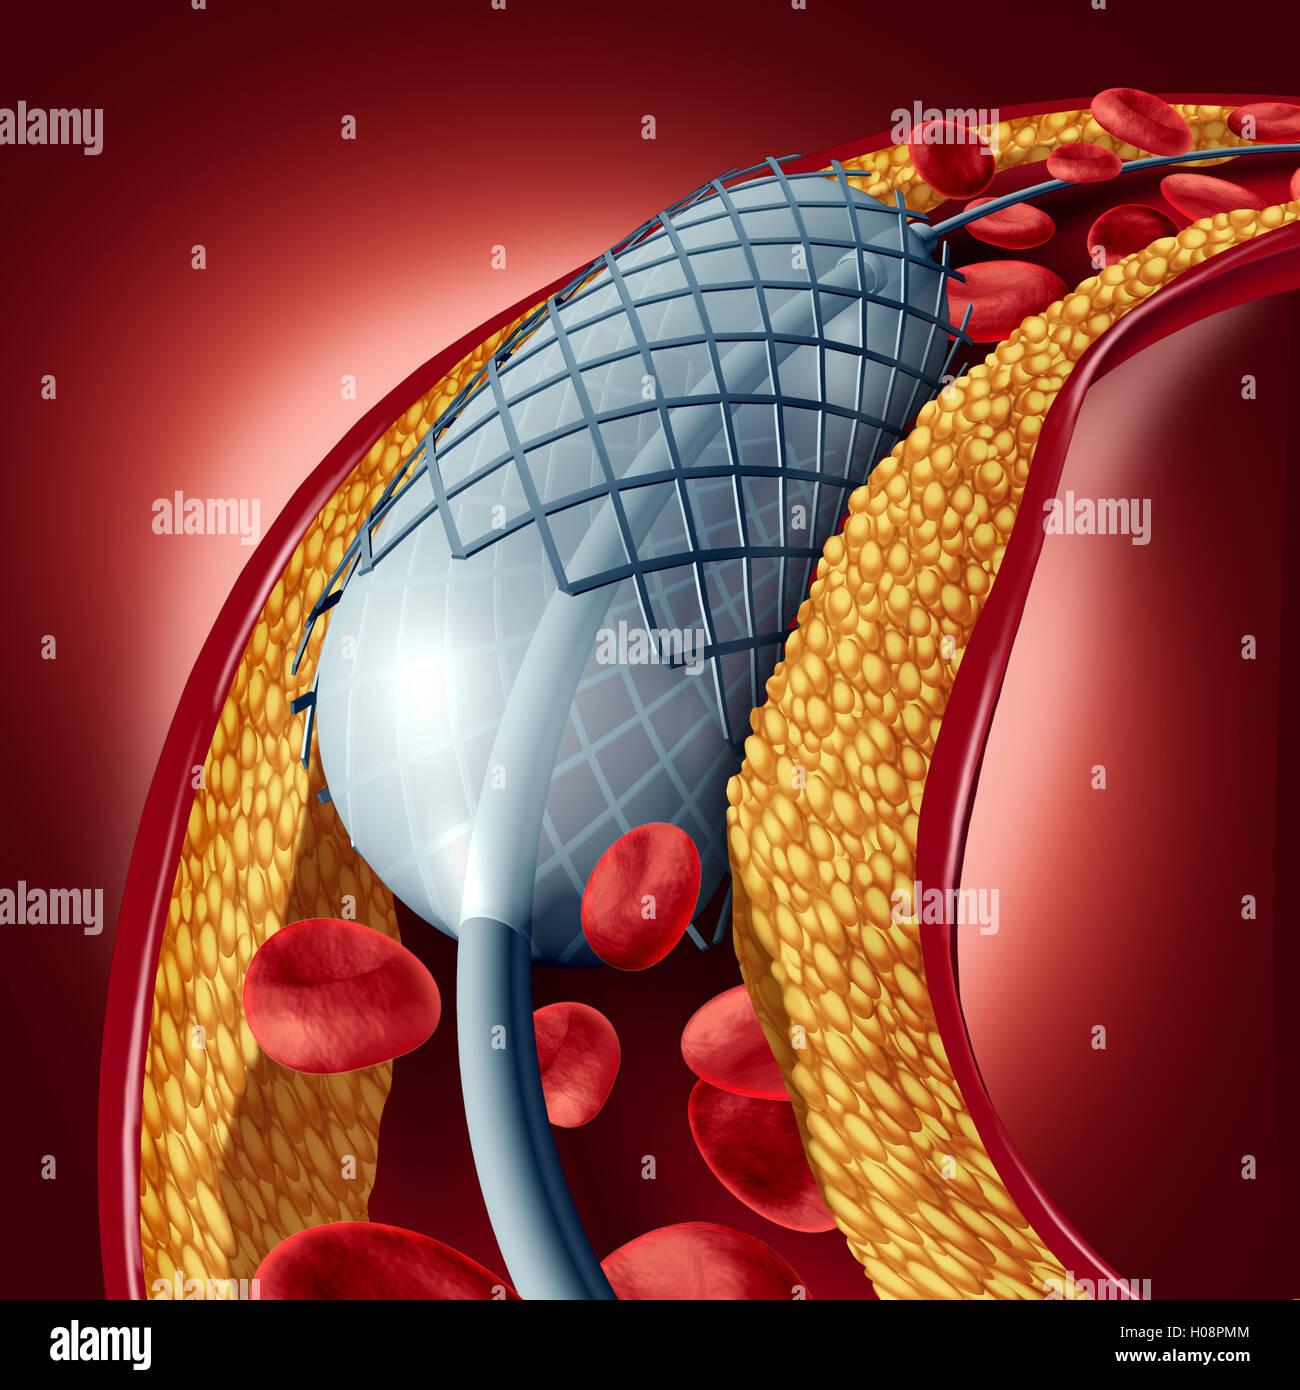 Angioplastie et stent concept comme une maladie du cœur symbole de traitement avec un implant dans une artère Photo Stock